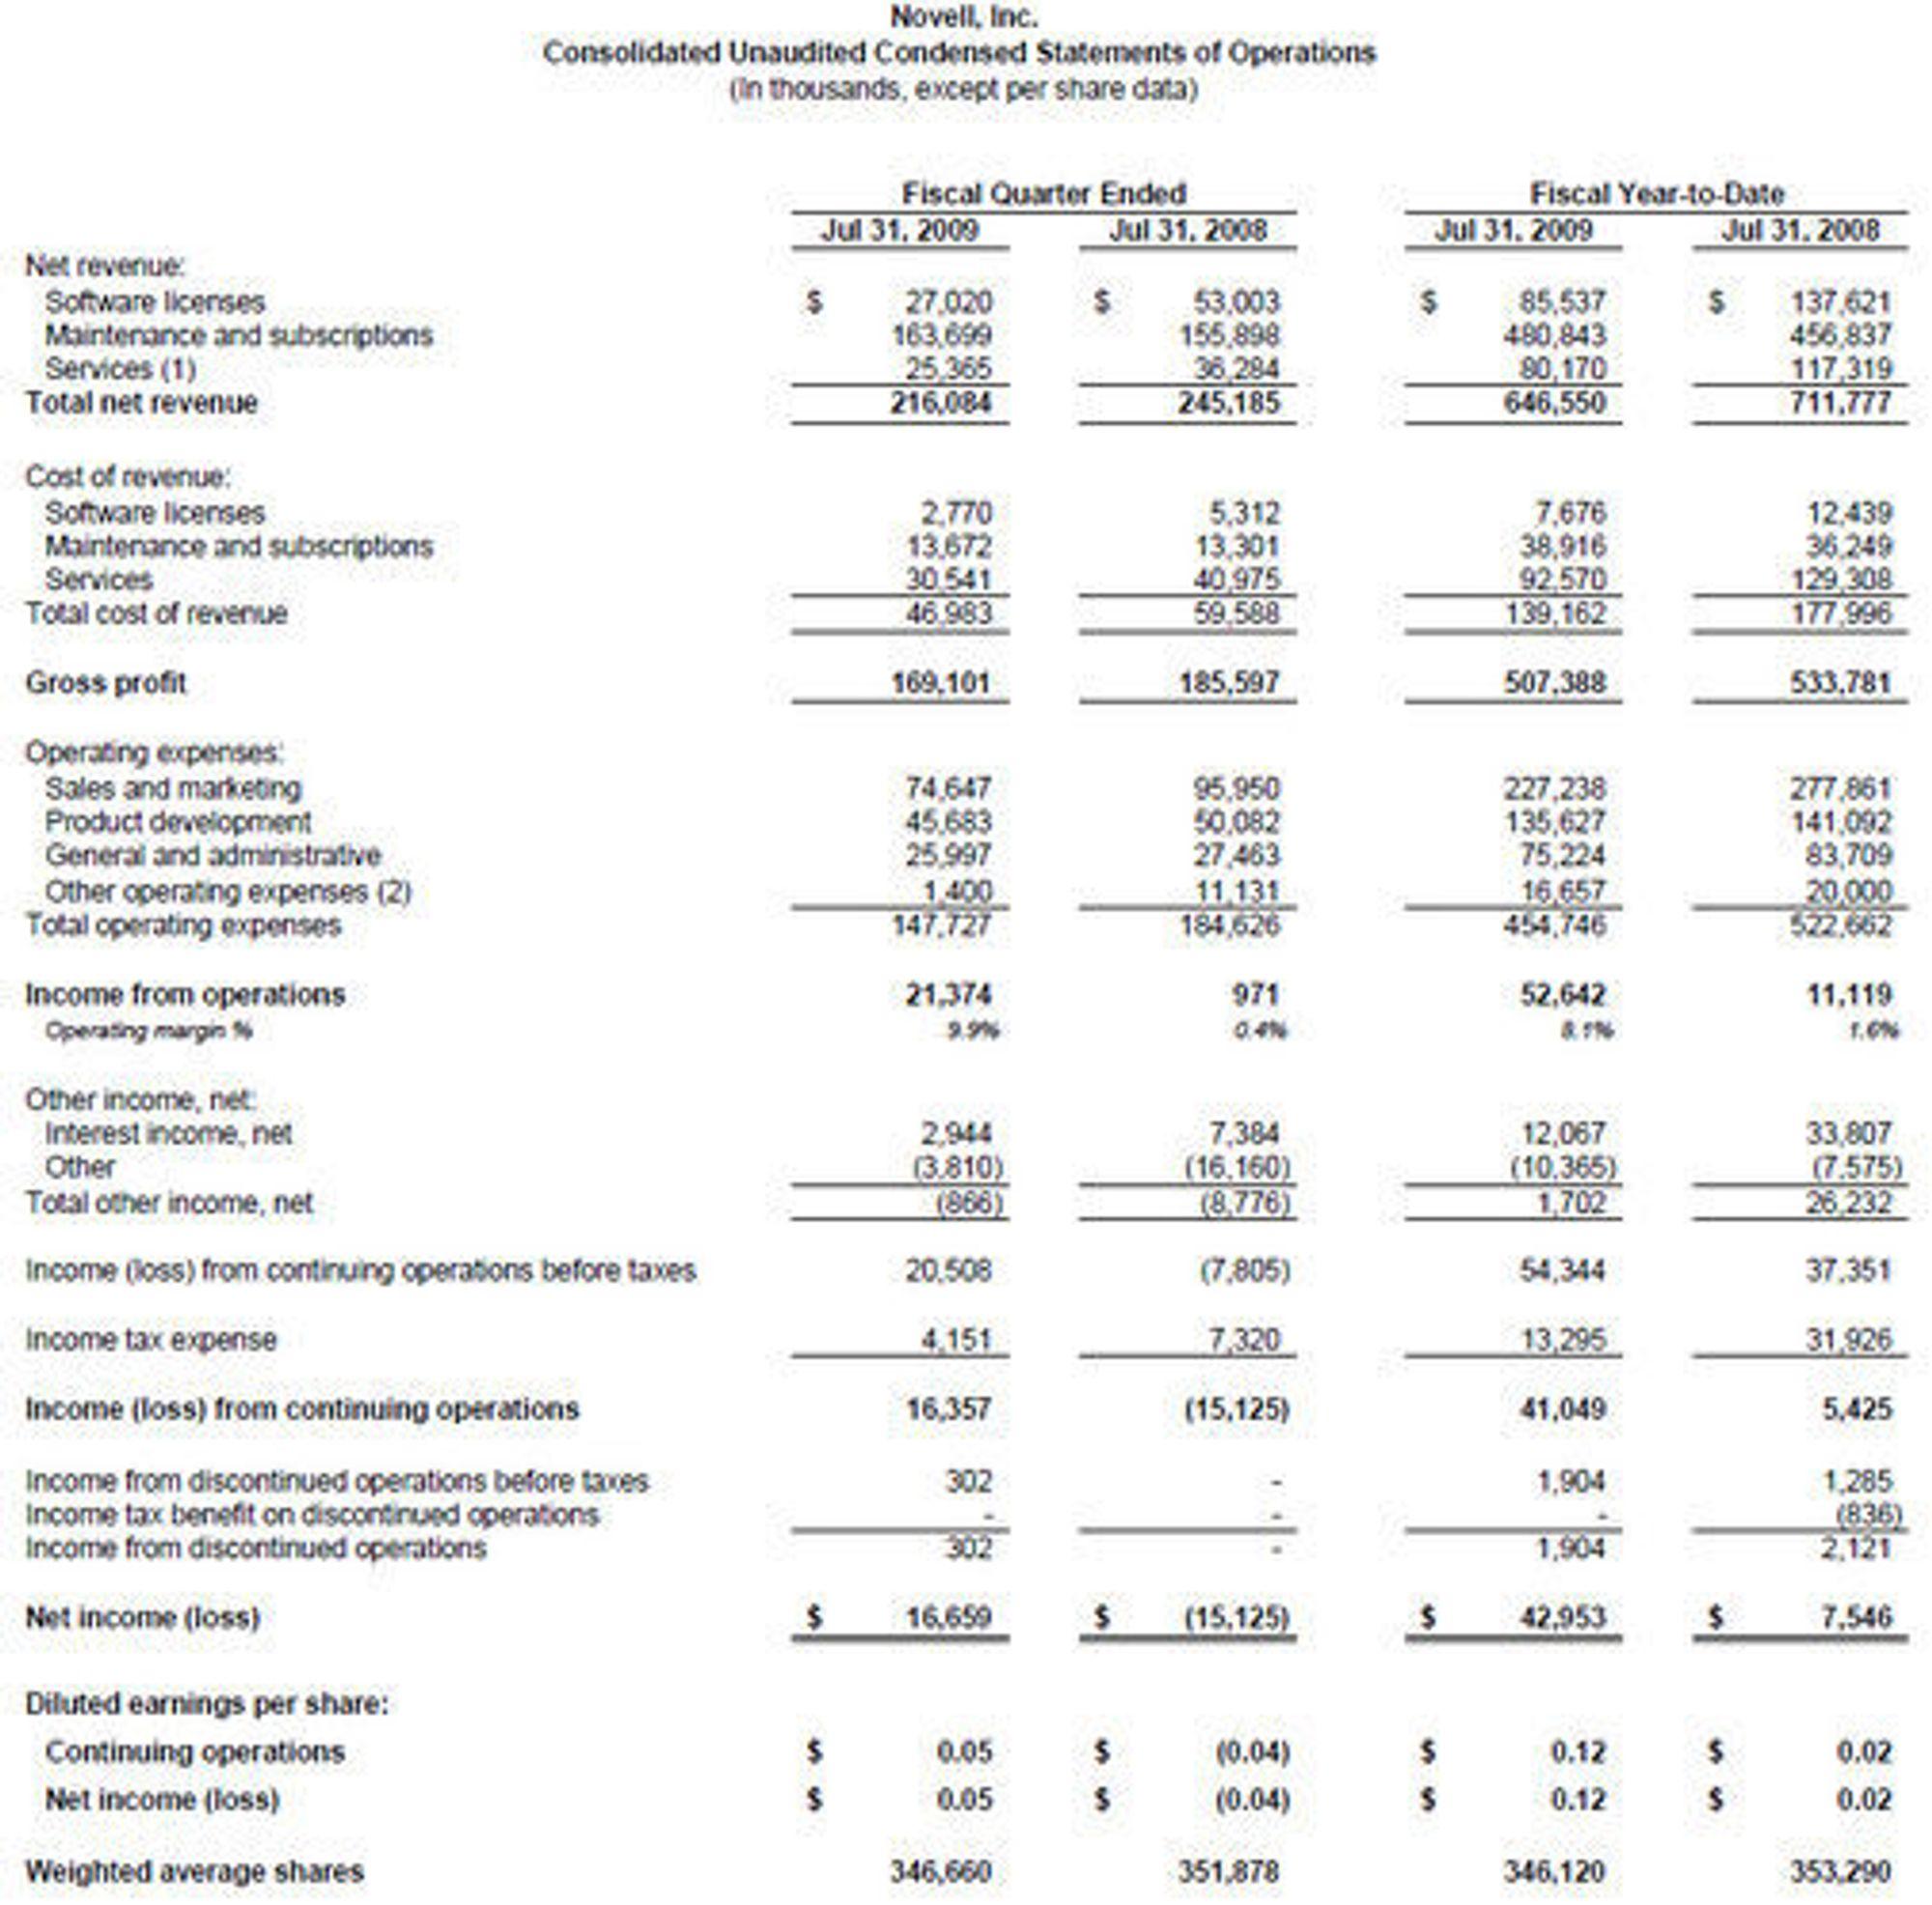 Novells regnskapstall for tredje kvartal 2009.